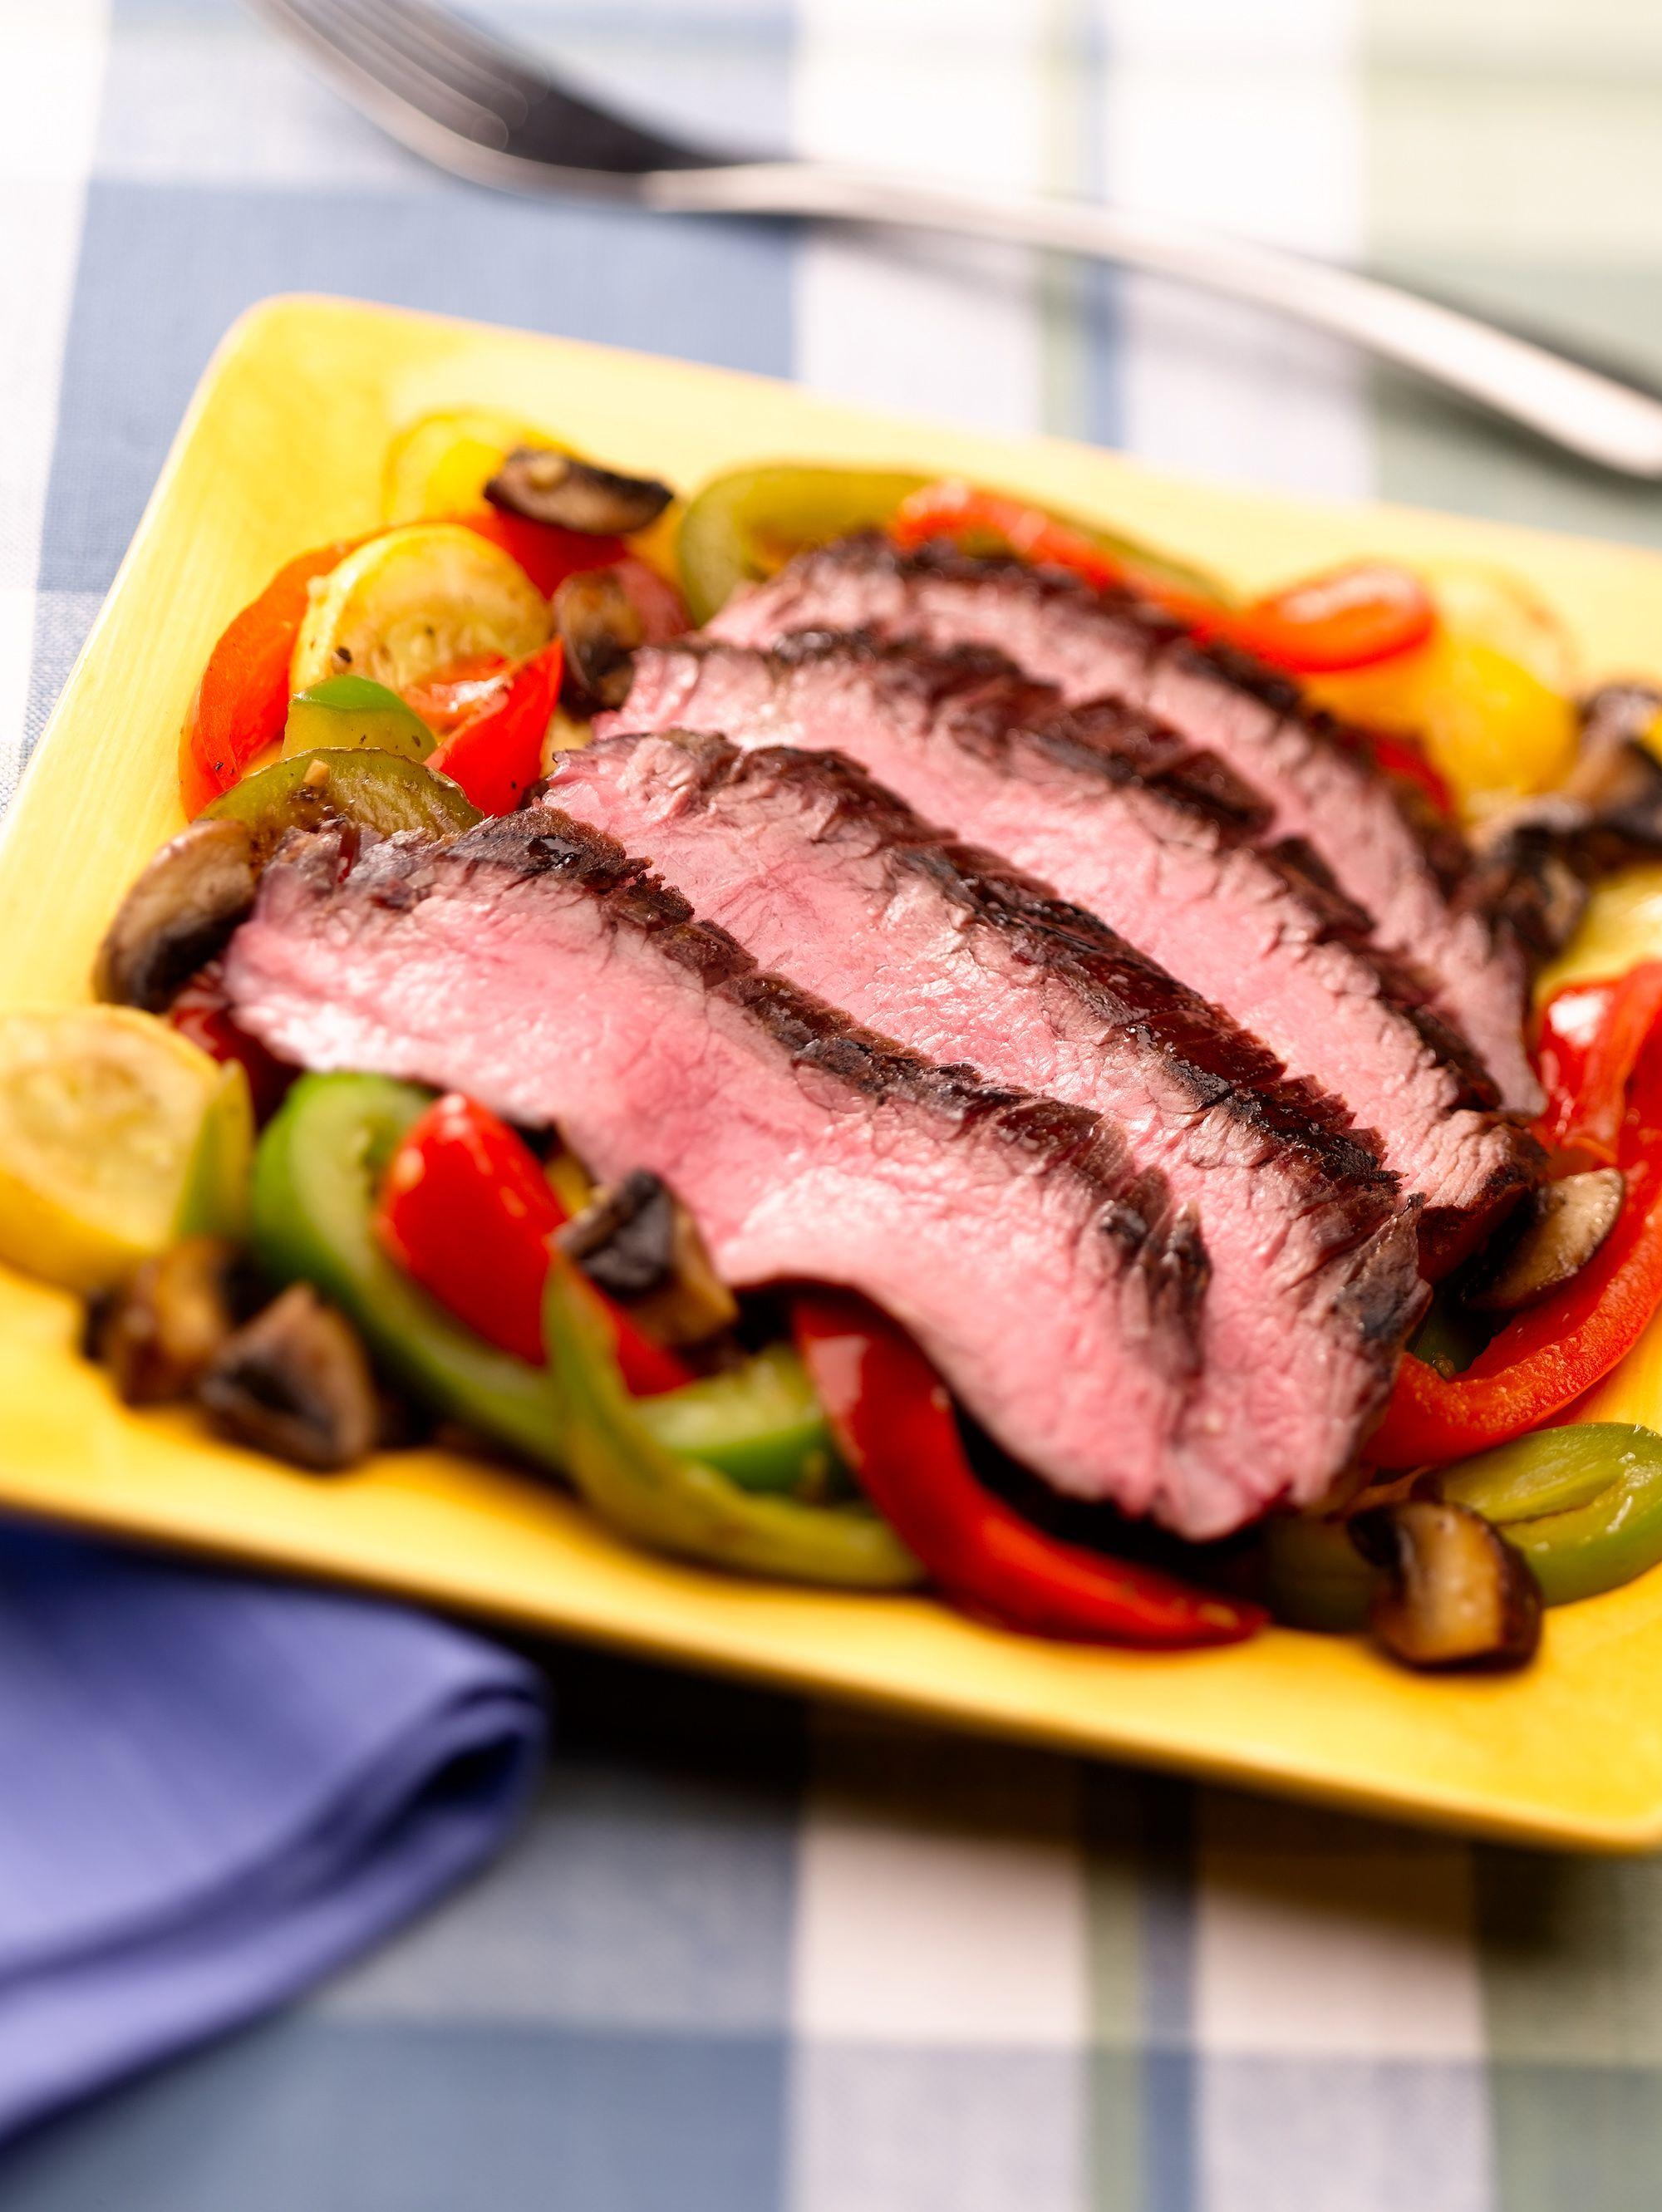 SteakSummerSalad_03.jpg